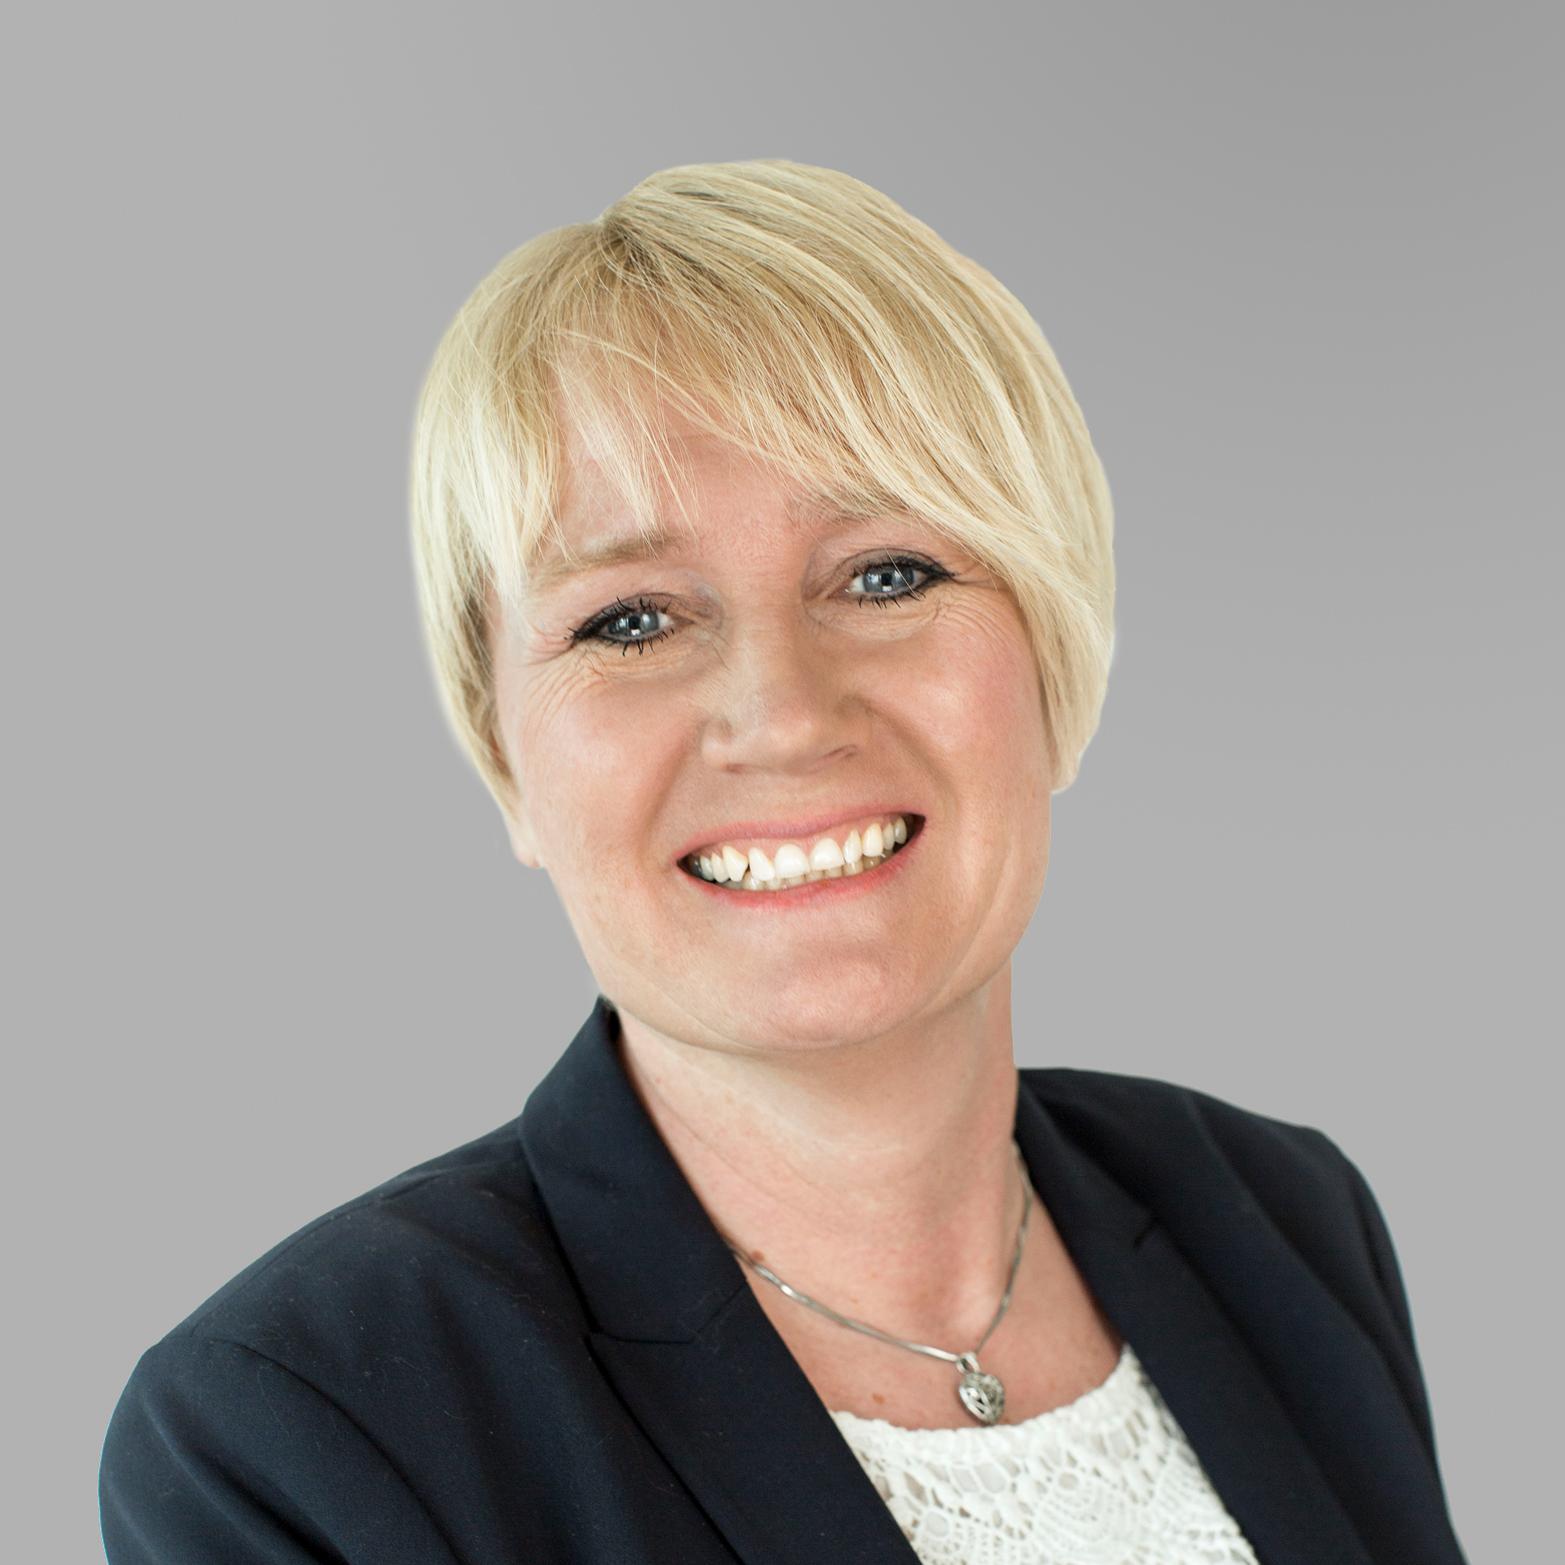 Anny Margrethe Bratterud    HR direktør   Anny er utdannet dataingeniør, og har en  Master i Teknologi og Ledelse fra BI. Før hun kom til Ambita hadde hun flere lederstillinger innen IT. I Ambita har hun hatt flere roller før hun i 2011 ble HR direktør.